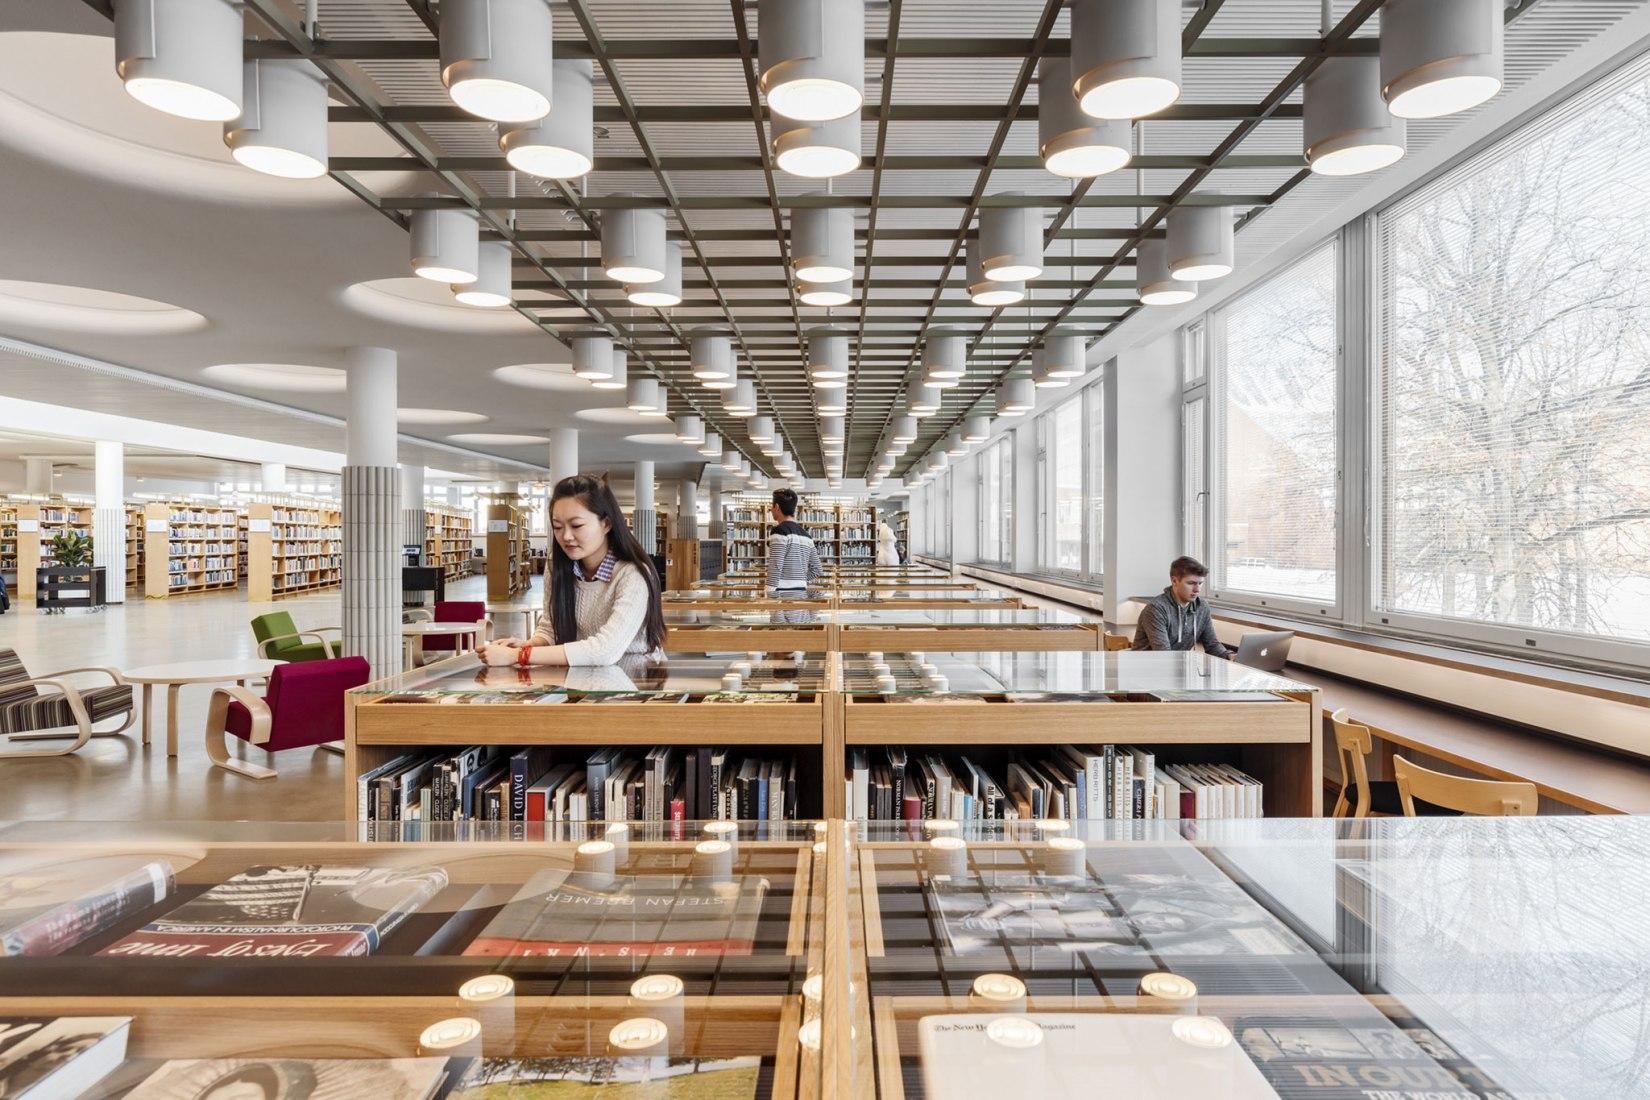 Renovación interior de la Biblioteca de la Universidad Aalto, Centro de Aprendizaje Harald Herlin por JKMM. Fotografía © Tuomas Uusheimon